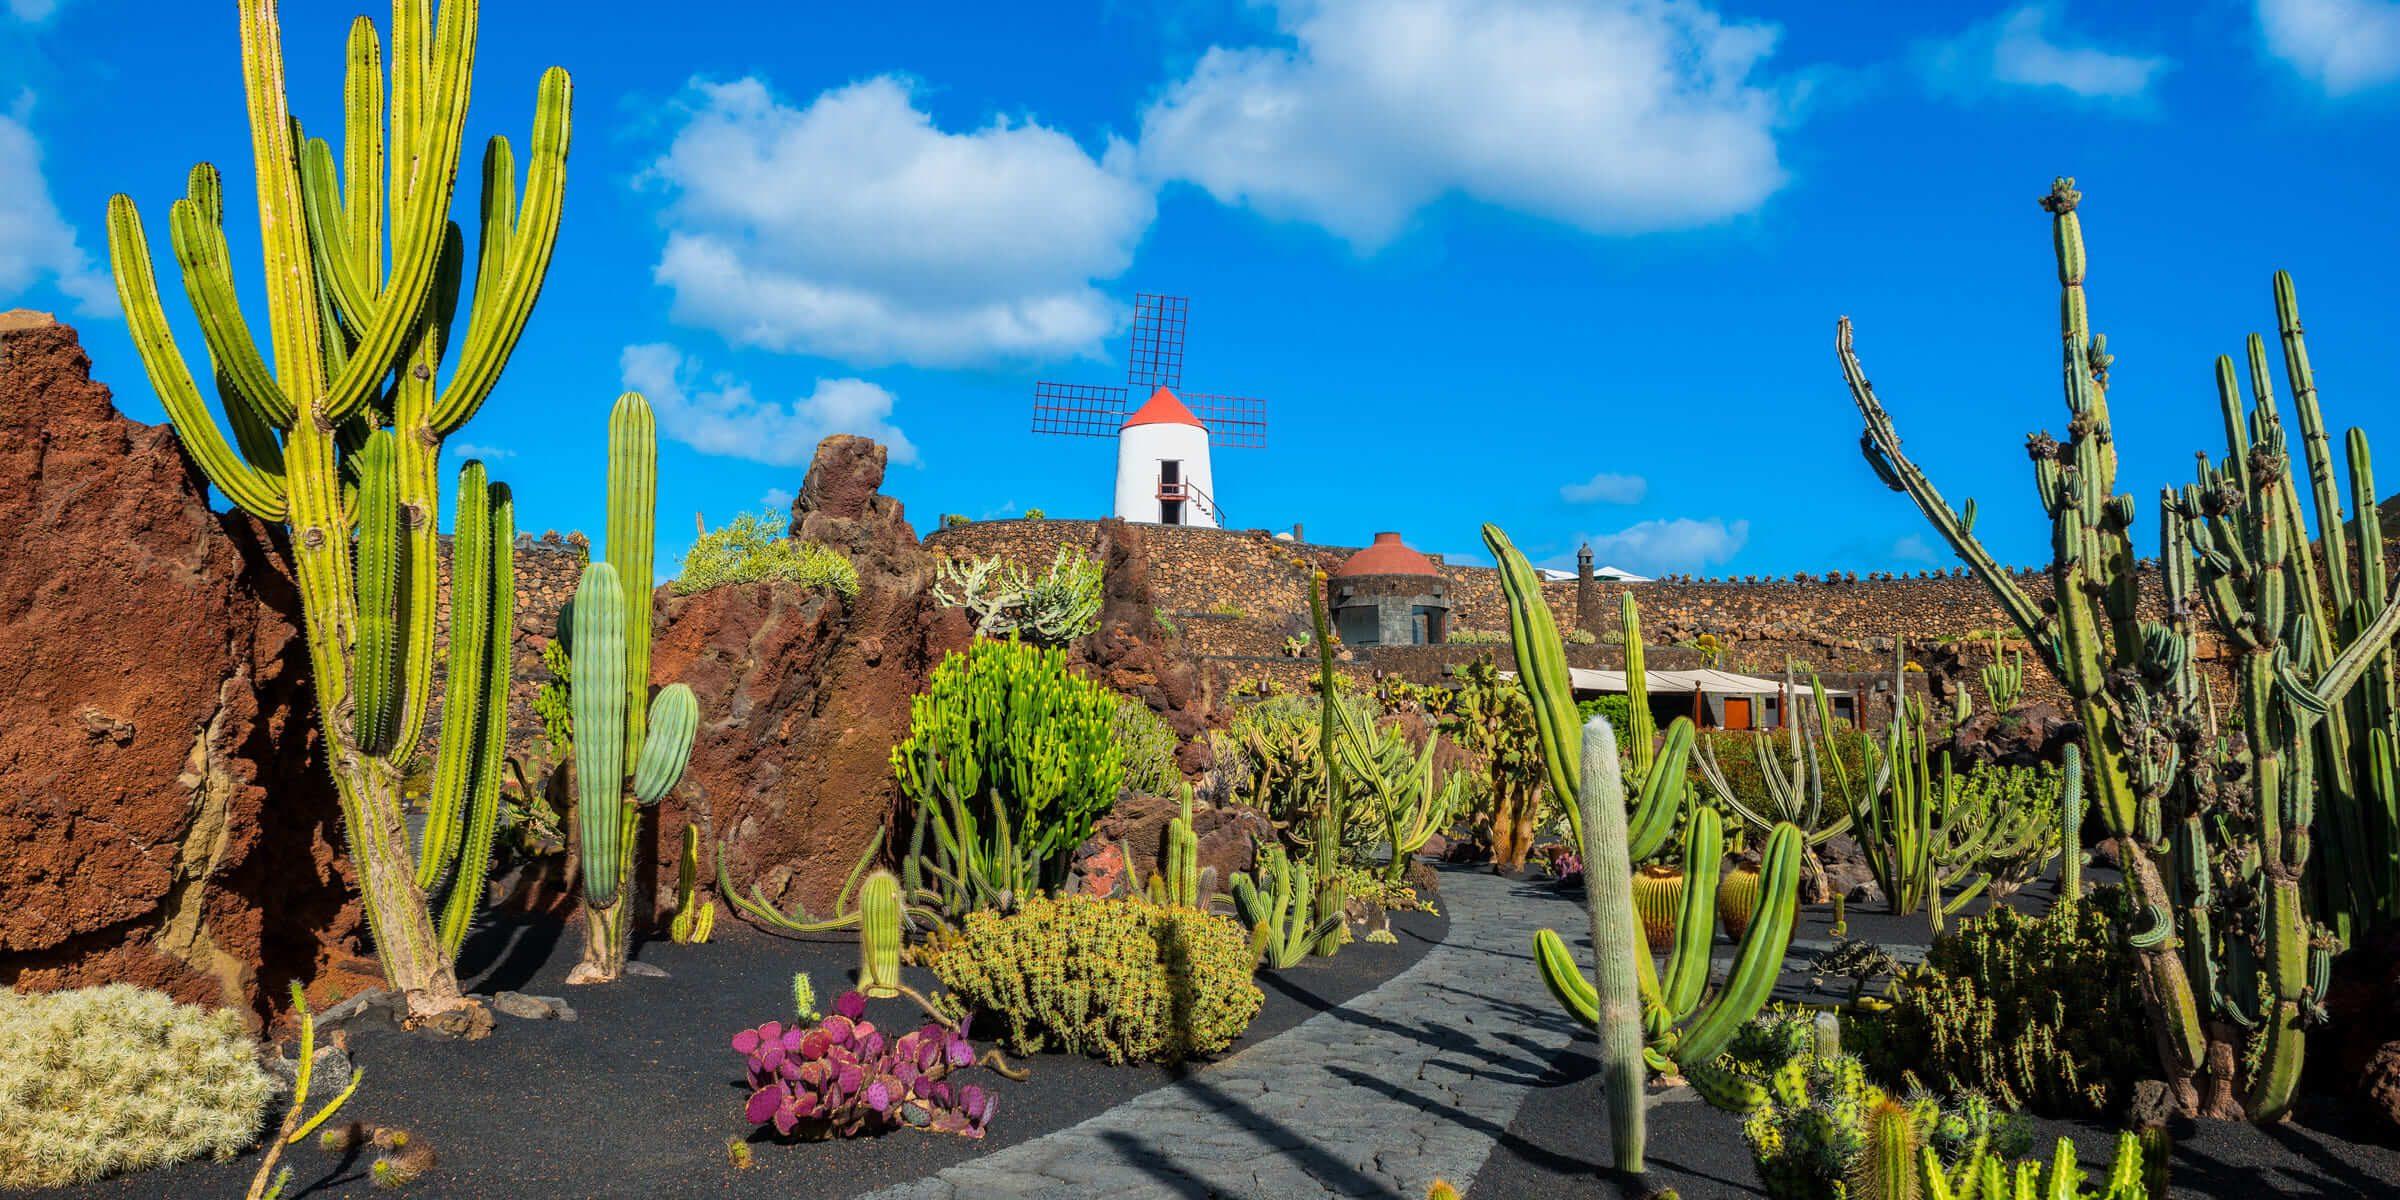 Wunderschöne Natur auf einer Singlereise nach Lanzarote erleben